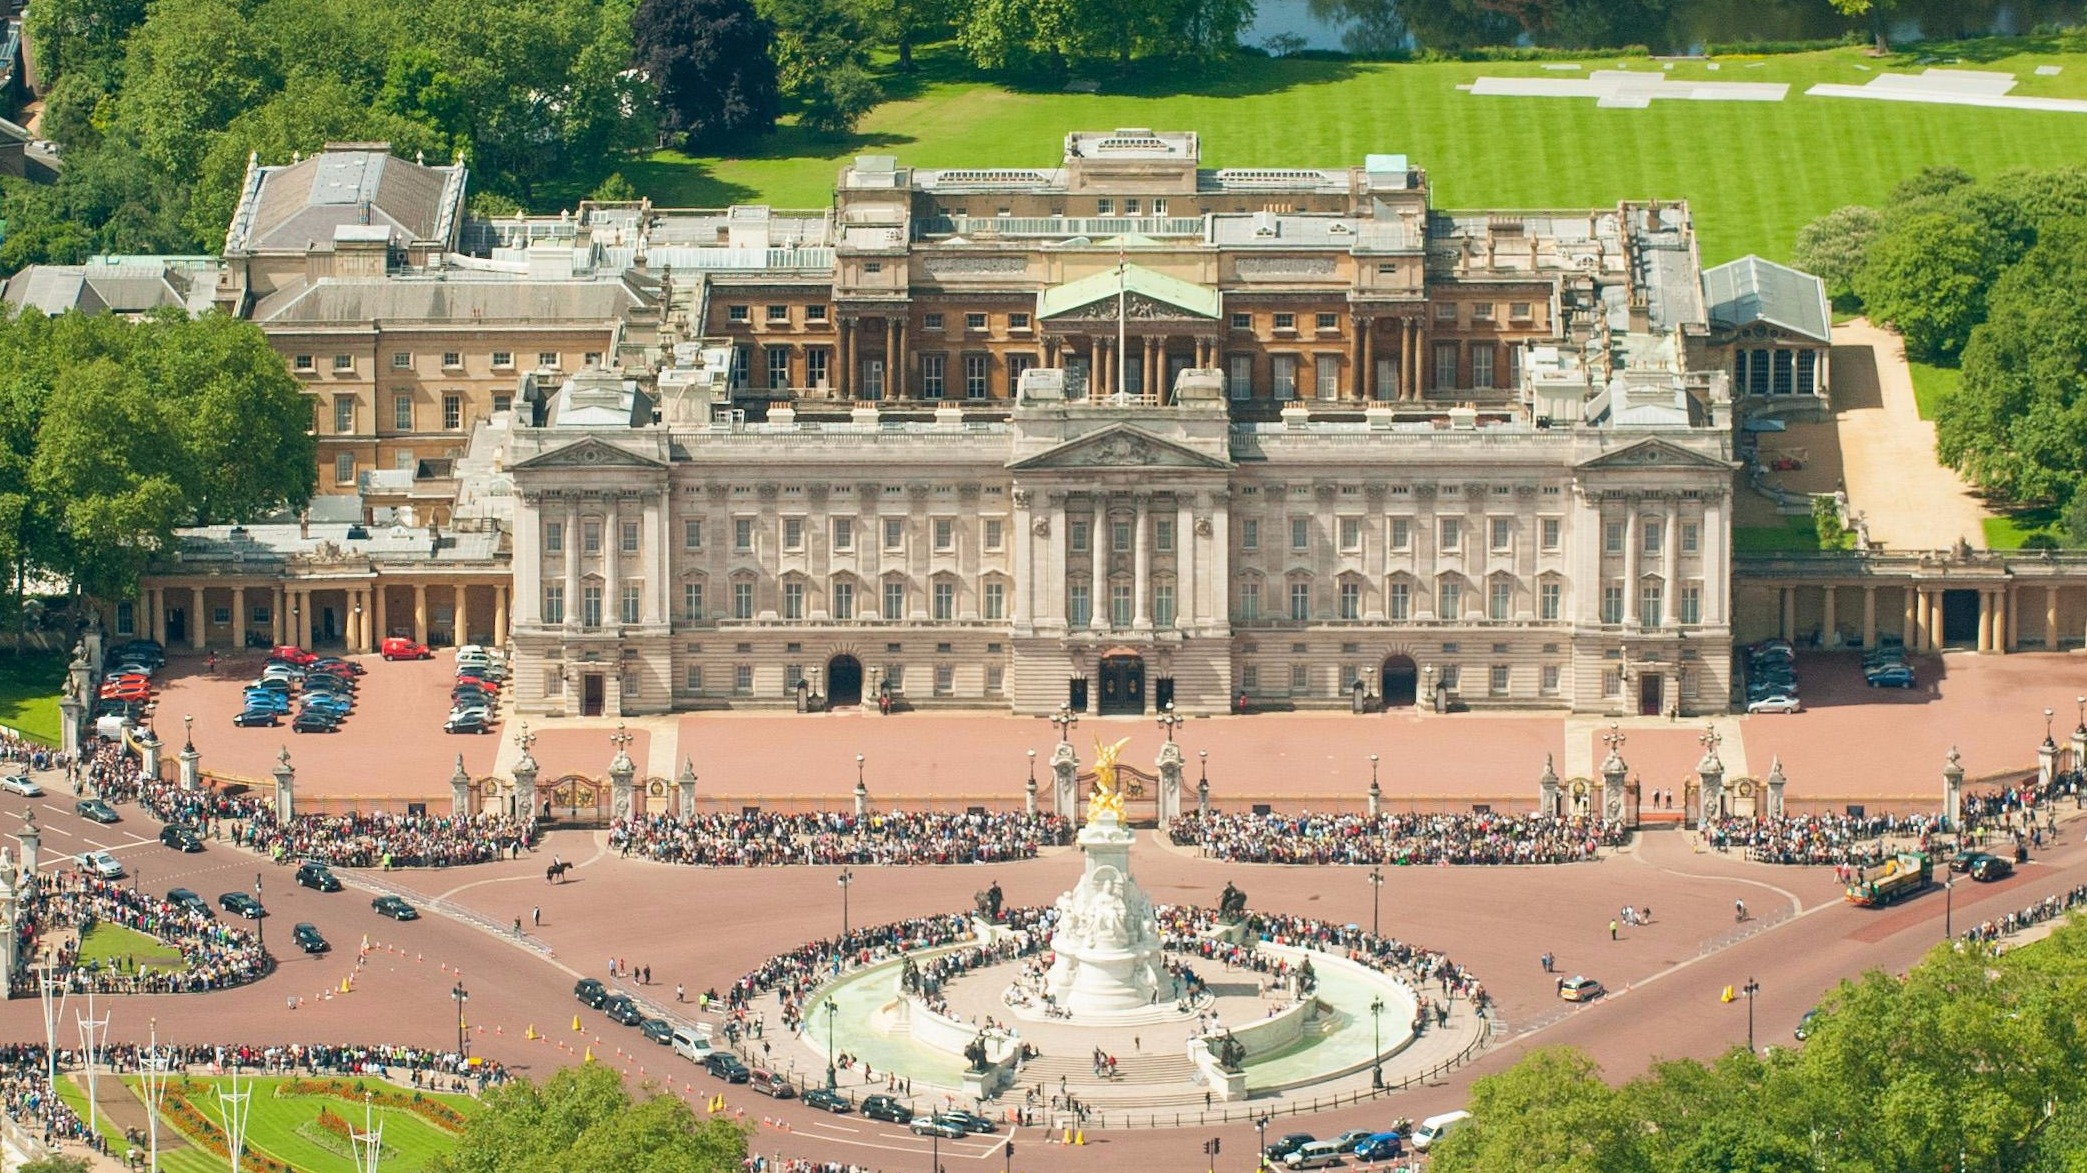 букингемский дворец в лондоне фото график, конвертер валют